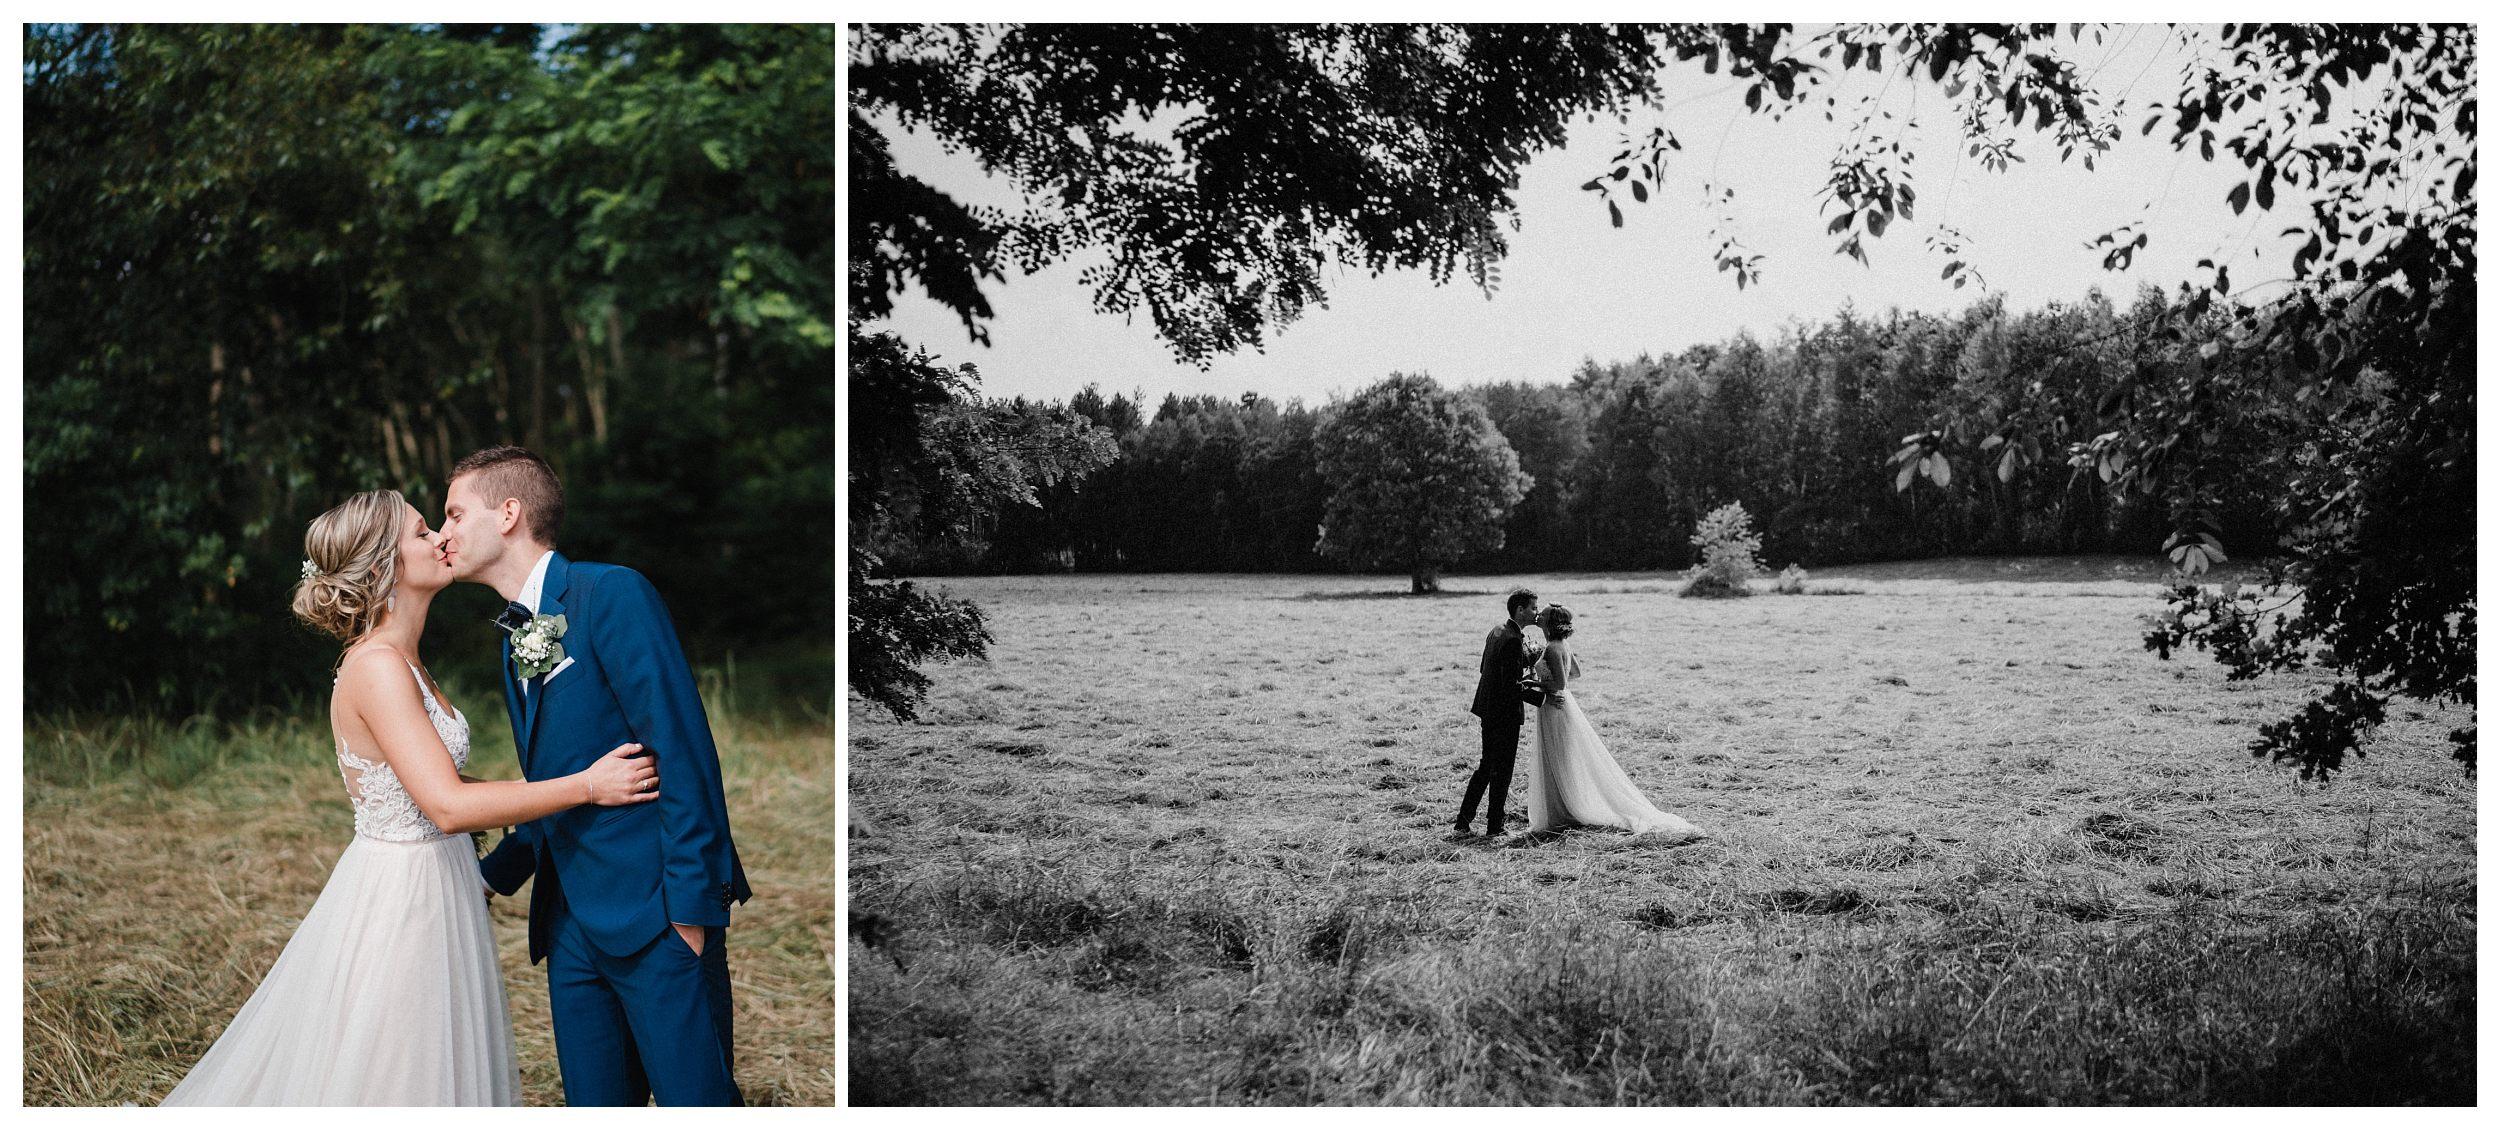 huwelijksfotograaf bruidsfotograaf destinationwedding huwelijksfotografie in mol oostham (19).jpg